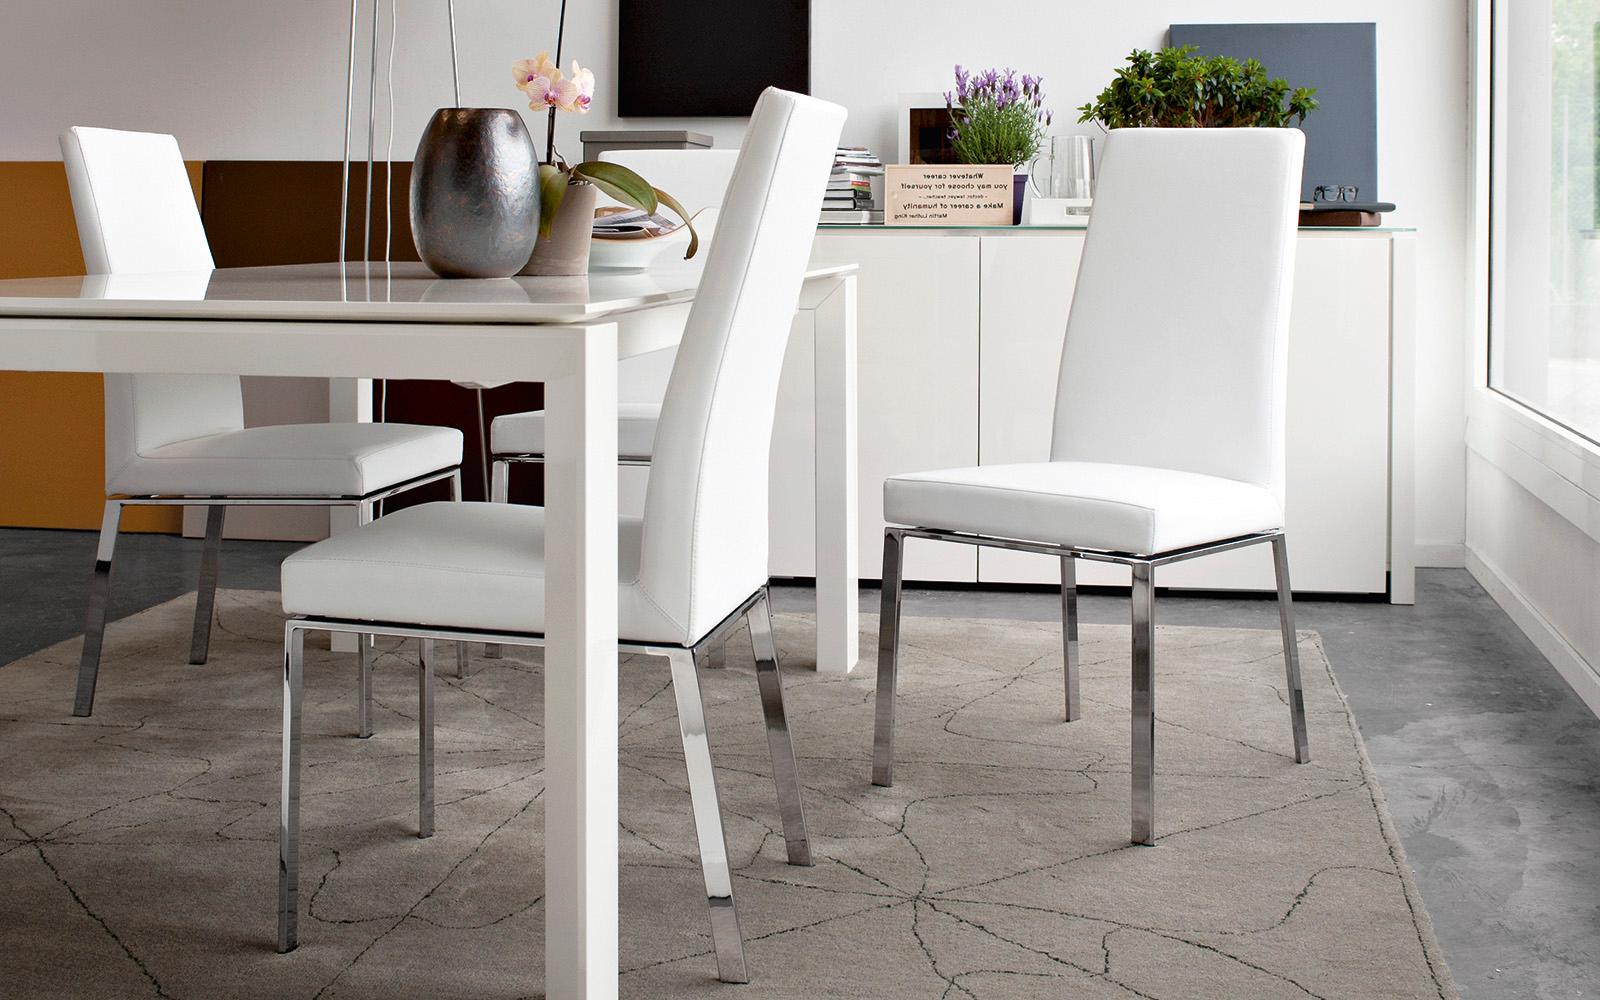 nuova collezione di sedie calligaris ideali per la vostra casa